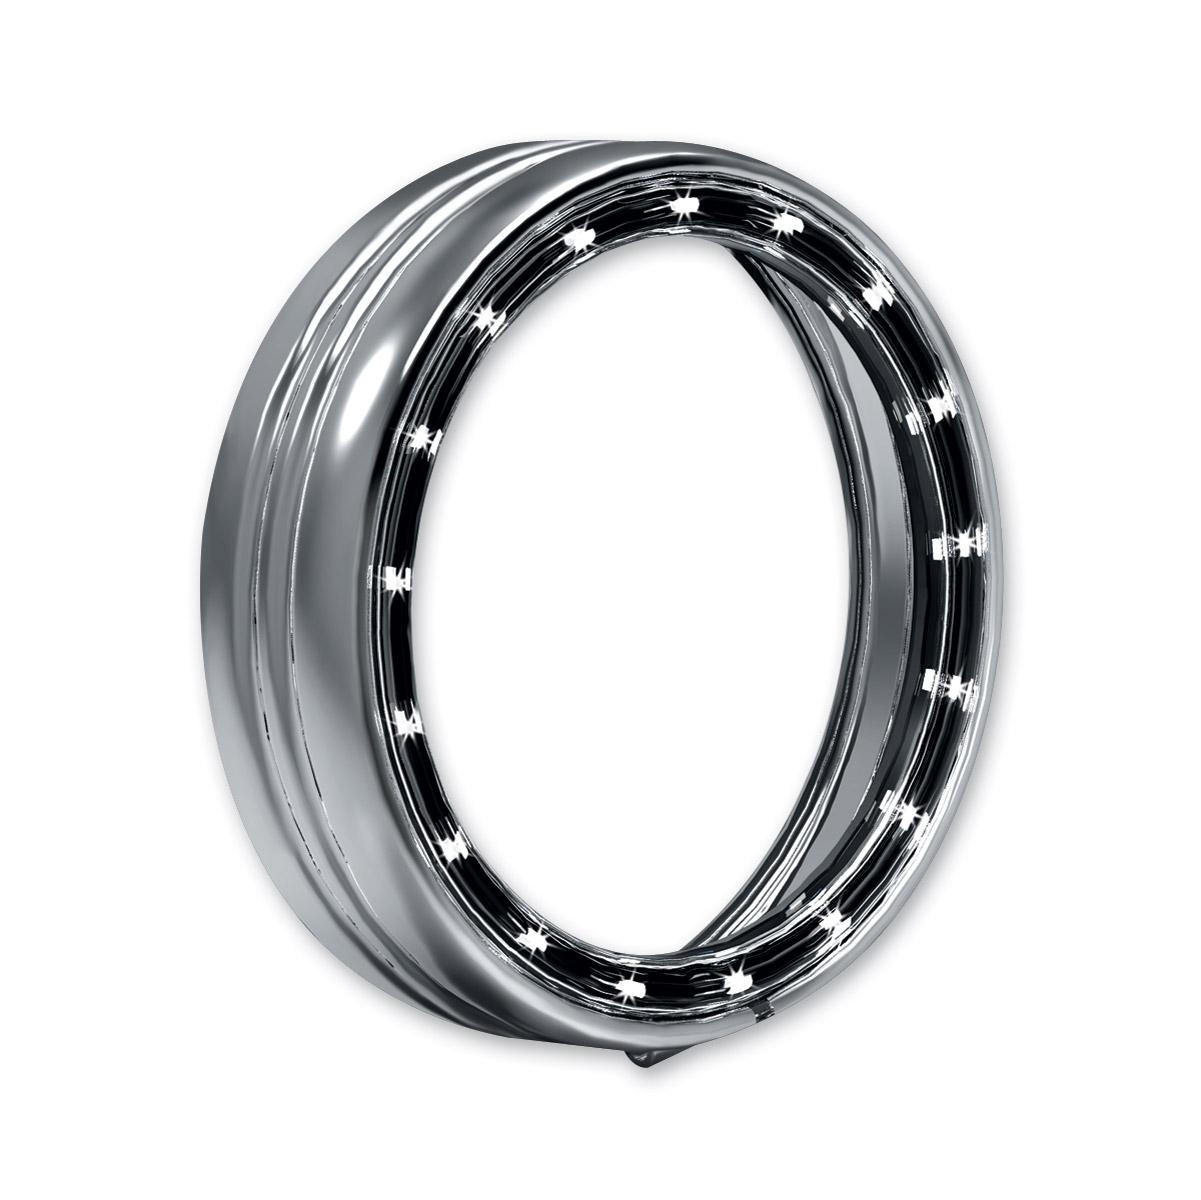 Kuryakyn Chrome L.E.D. Halo Trim Ring